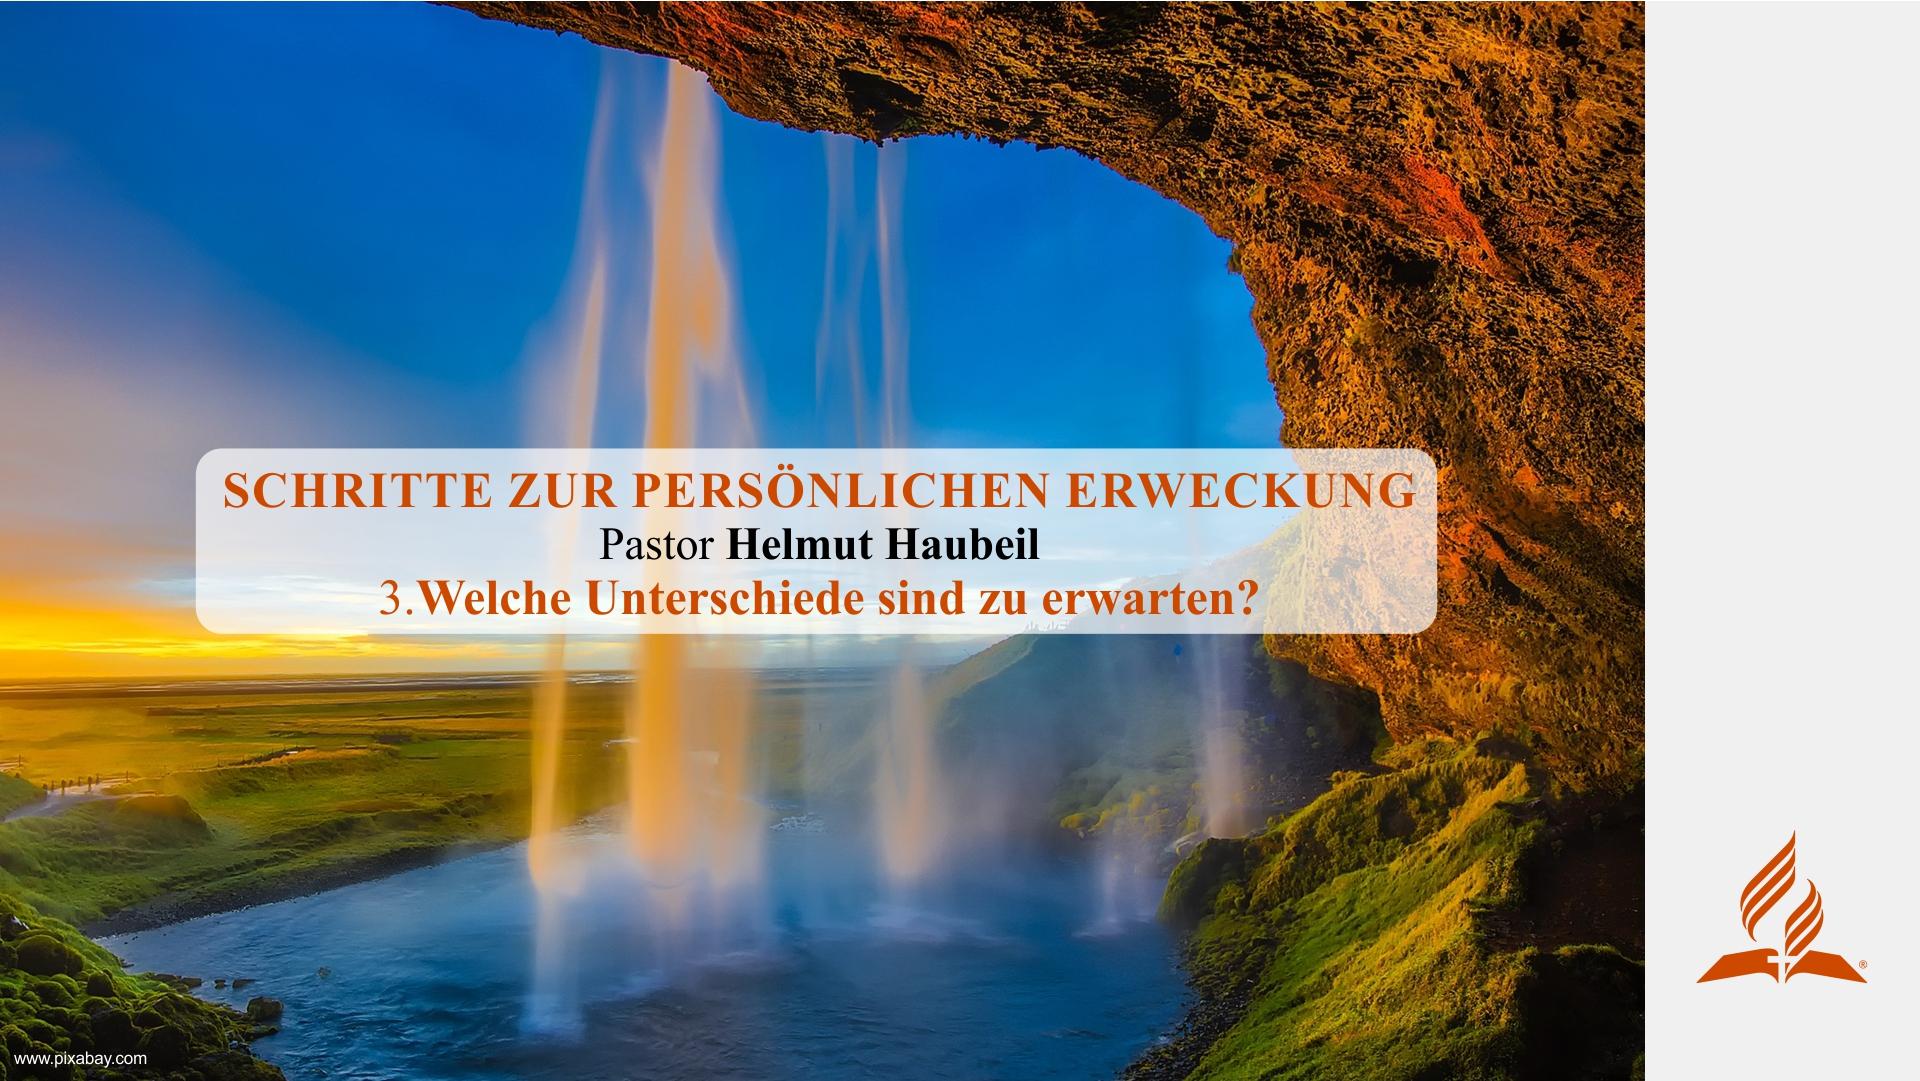 3.Welche Unterschiede sind zu erwarten? – SCHRITTE ZUR PERSÖNLICHEN ERWECKUNG | Pastor Helmut Haubeil